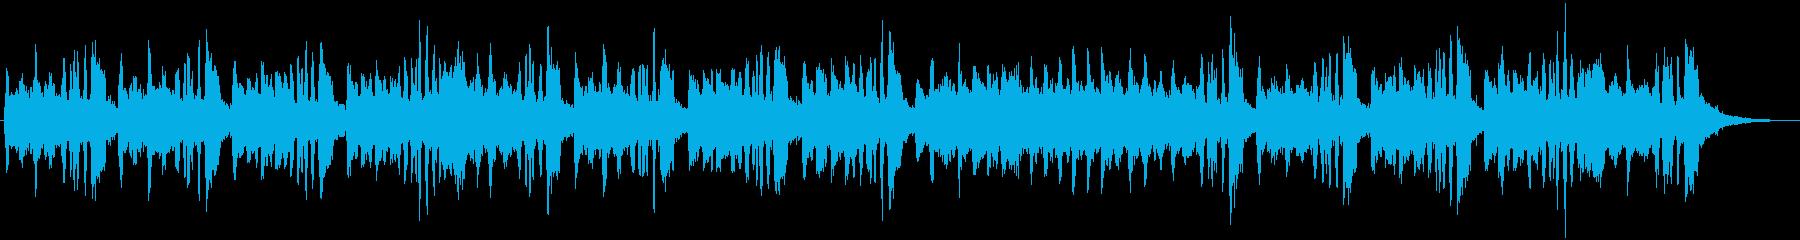 アコーディオンとストリングスのジングルの再生済みの波形